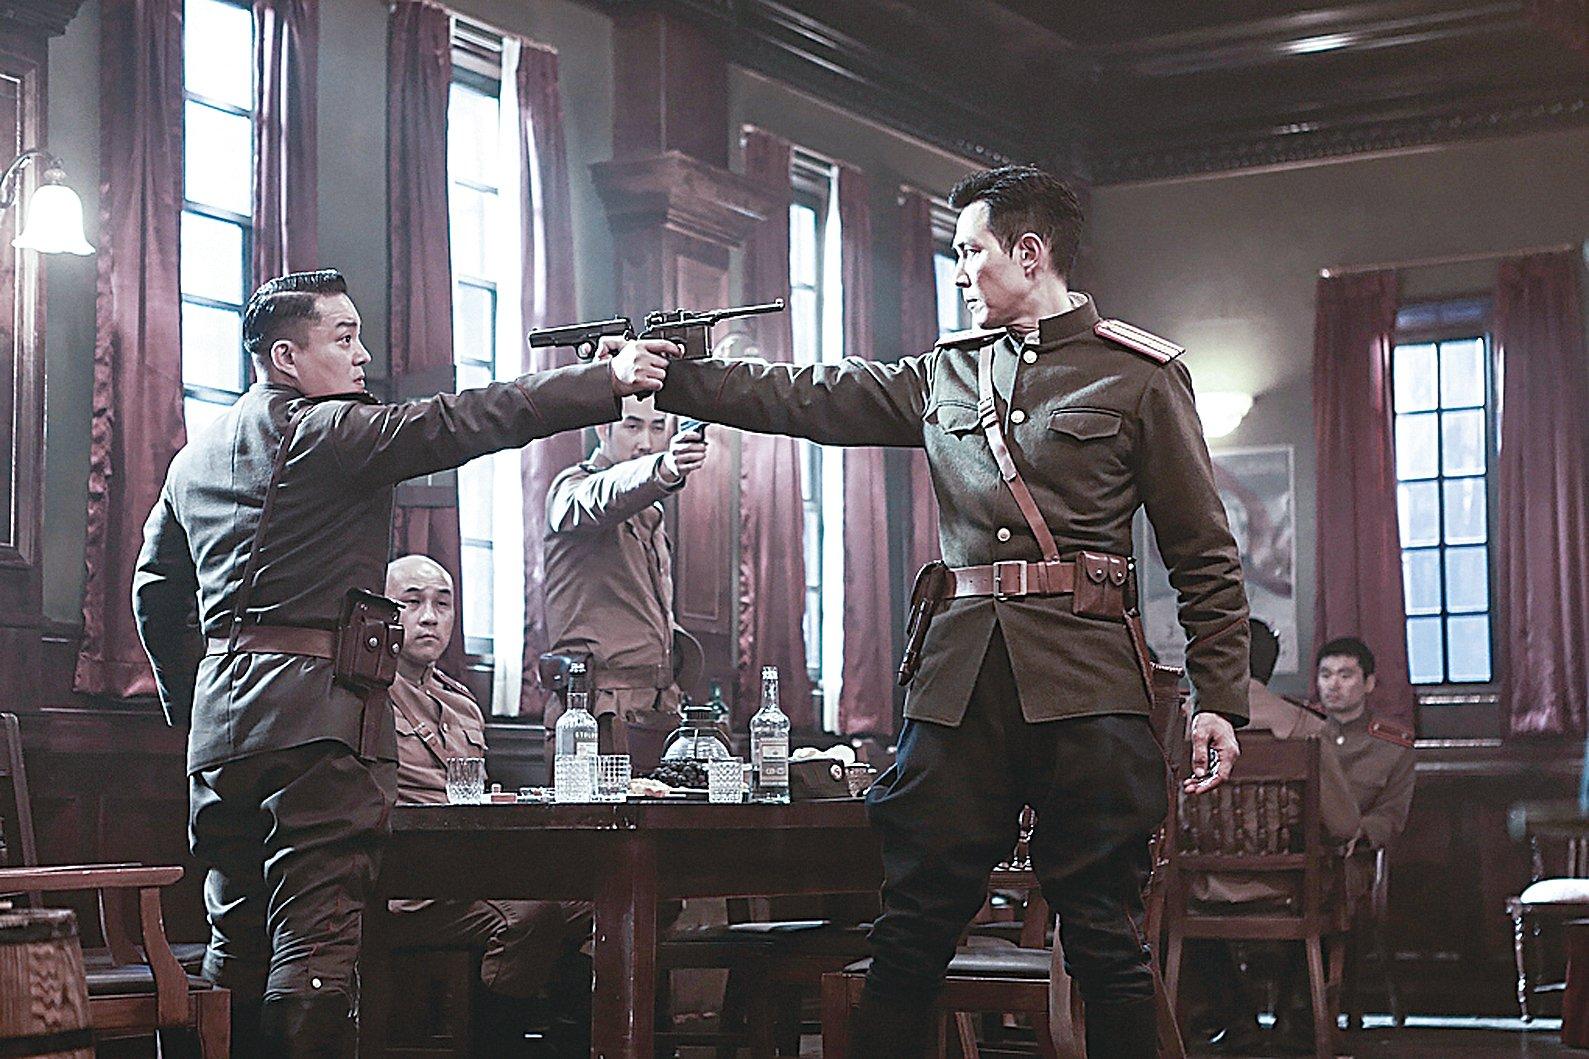 影片充滿了自然感人的真情流露,李政宰的演出令人印象深刻。